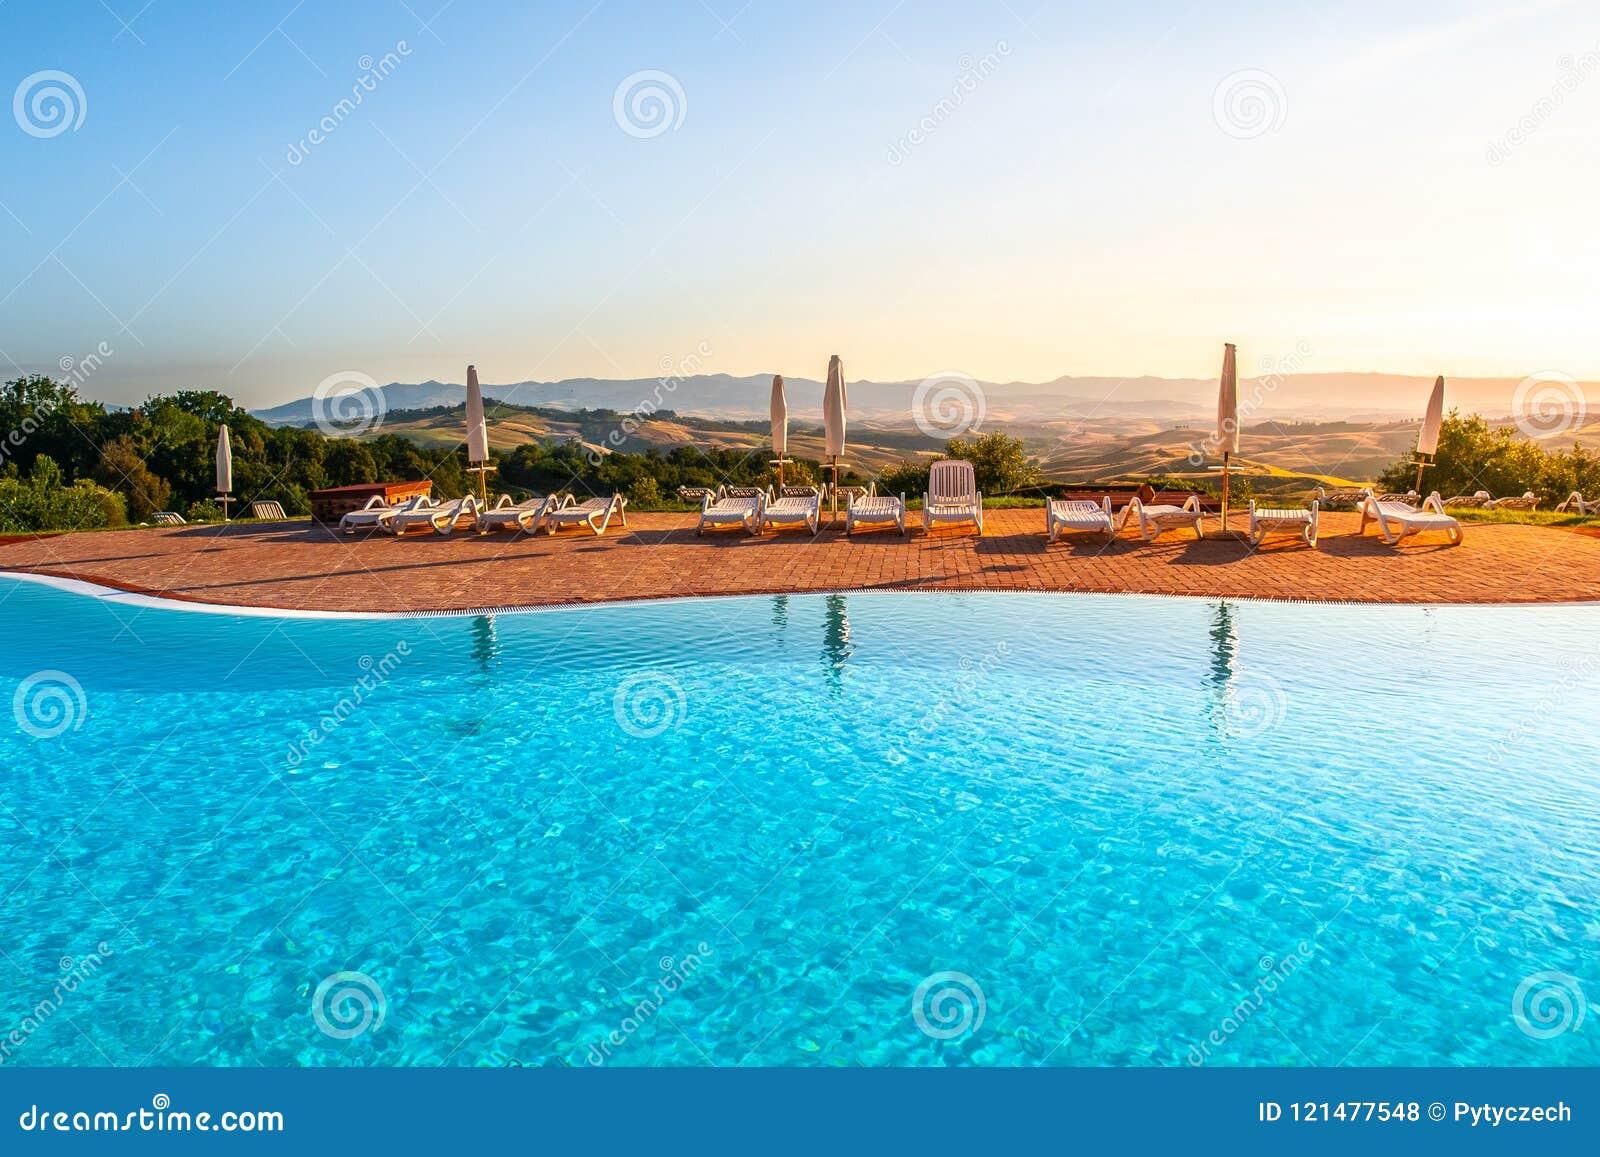 Paesaggi D Acqua Piscine bella piscina di lusso con acqua blu, gli ombrelli ed i